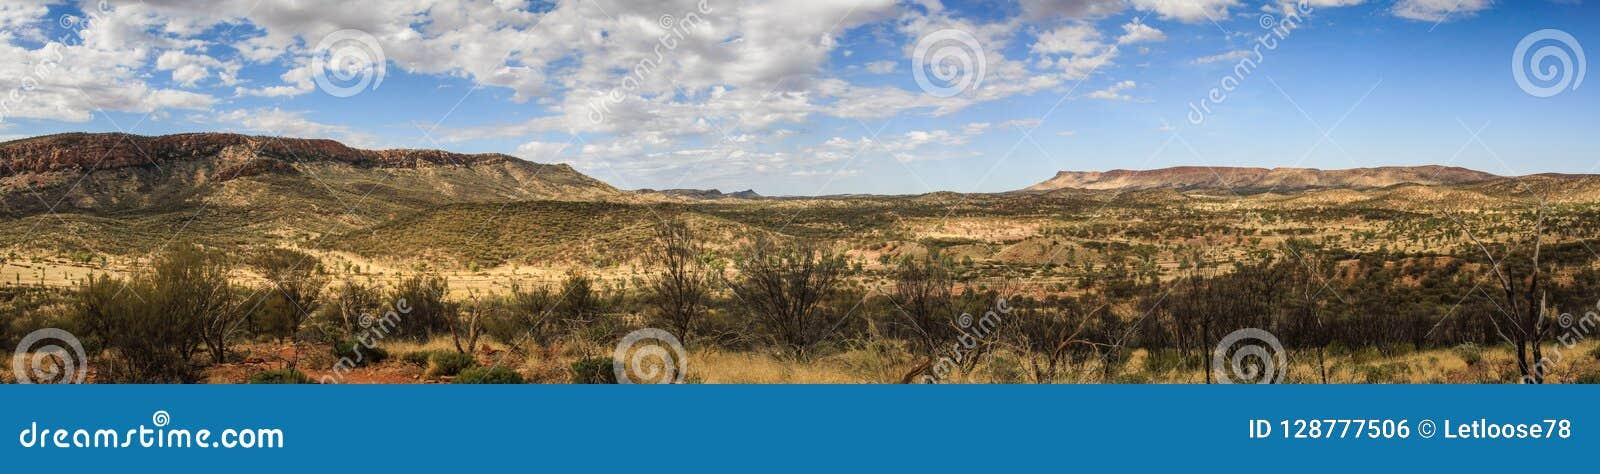 Panoramablick der West-McDonnell-Strecke von Cassia Hill, Nordterritorium, Australien